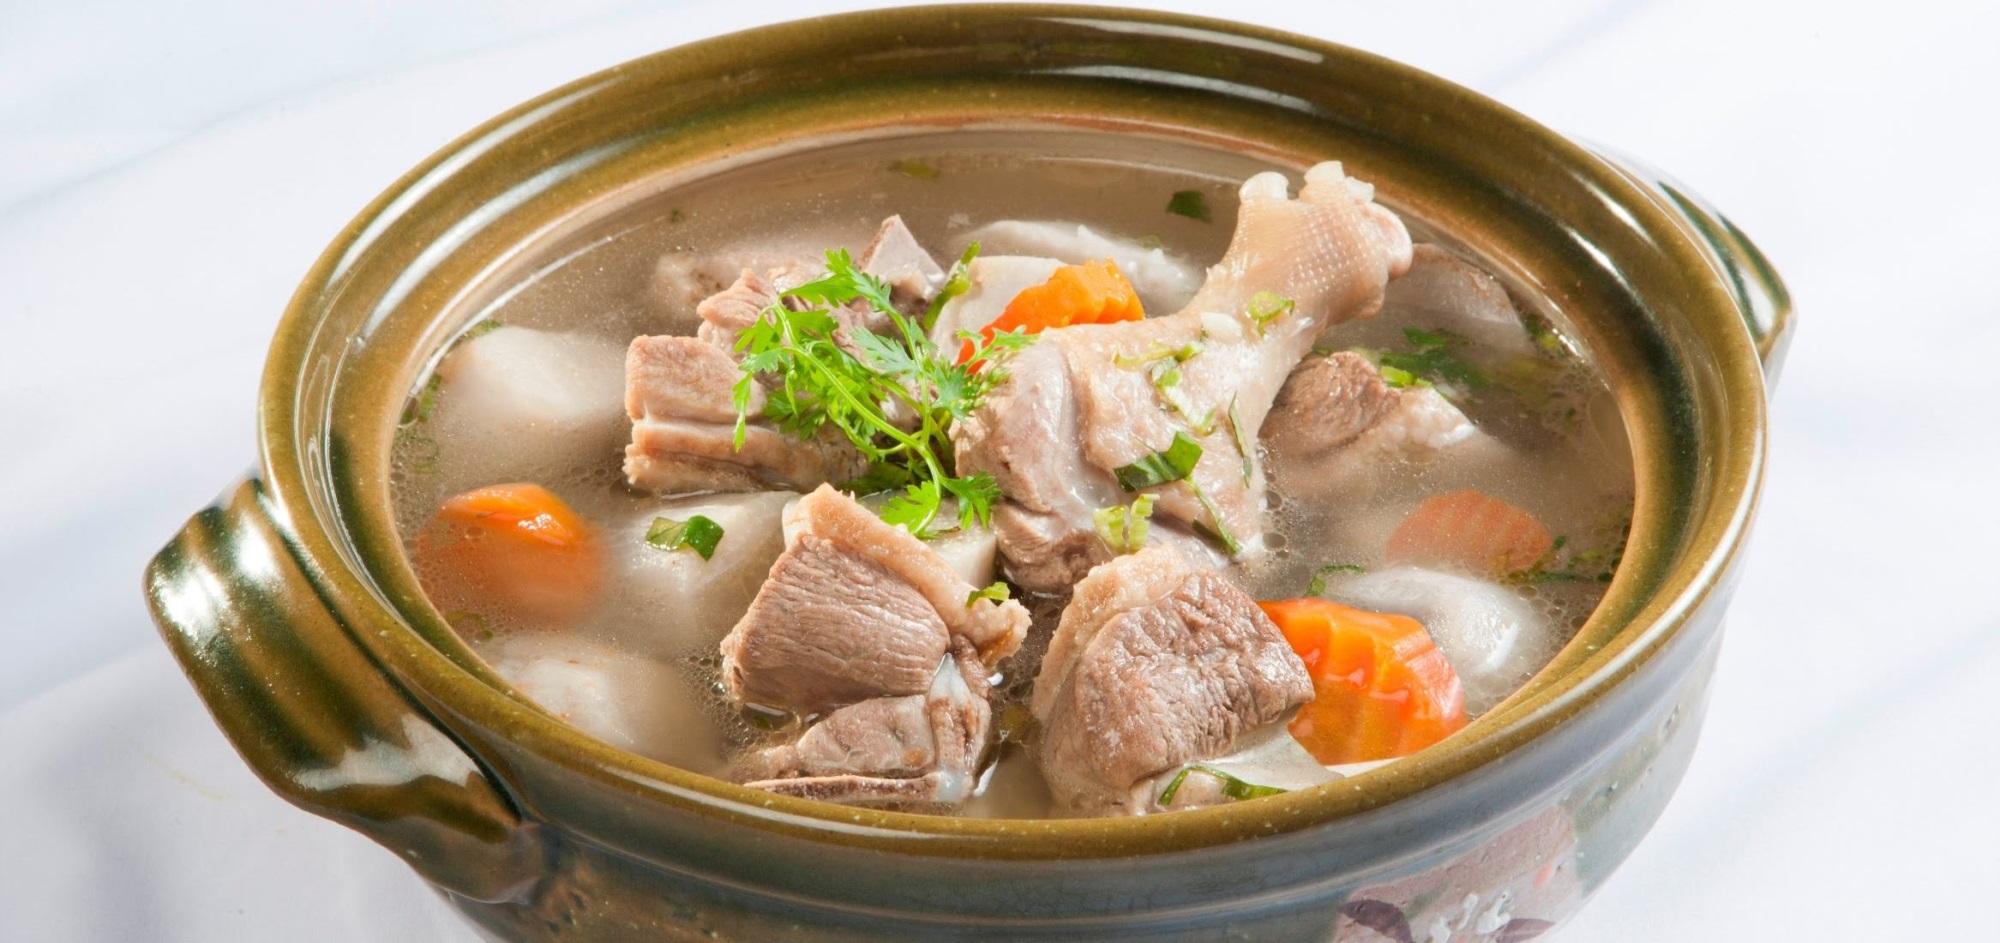 Giới thiệu các món ngon từ thịt vịt có tác dụng đẩy lùi yếu sinh lý ở nam giới - Ảnh 3